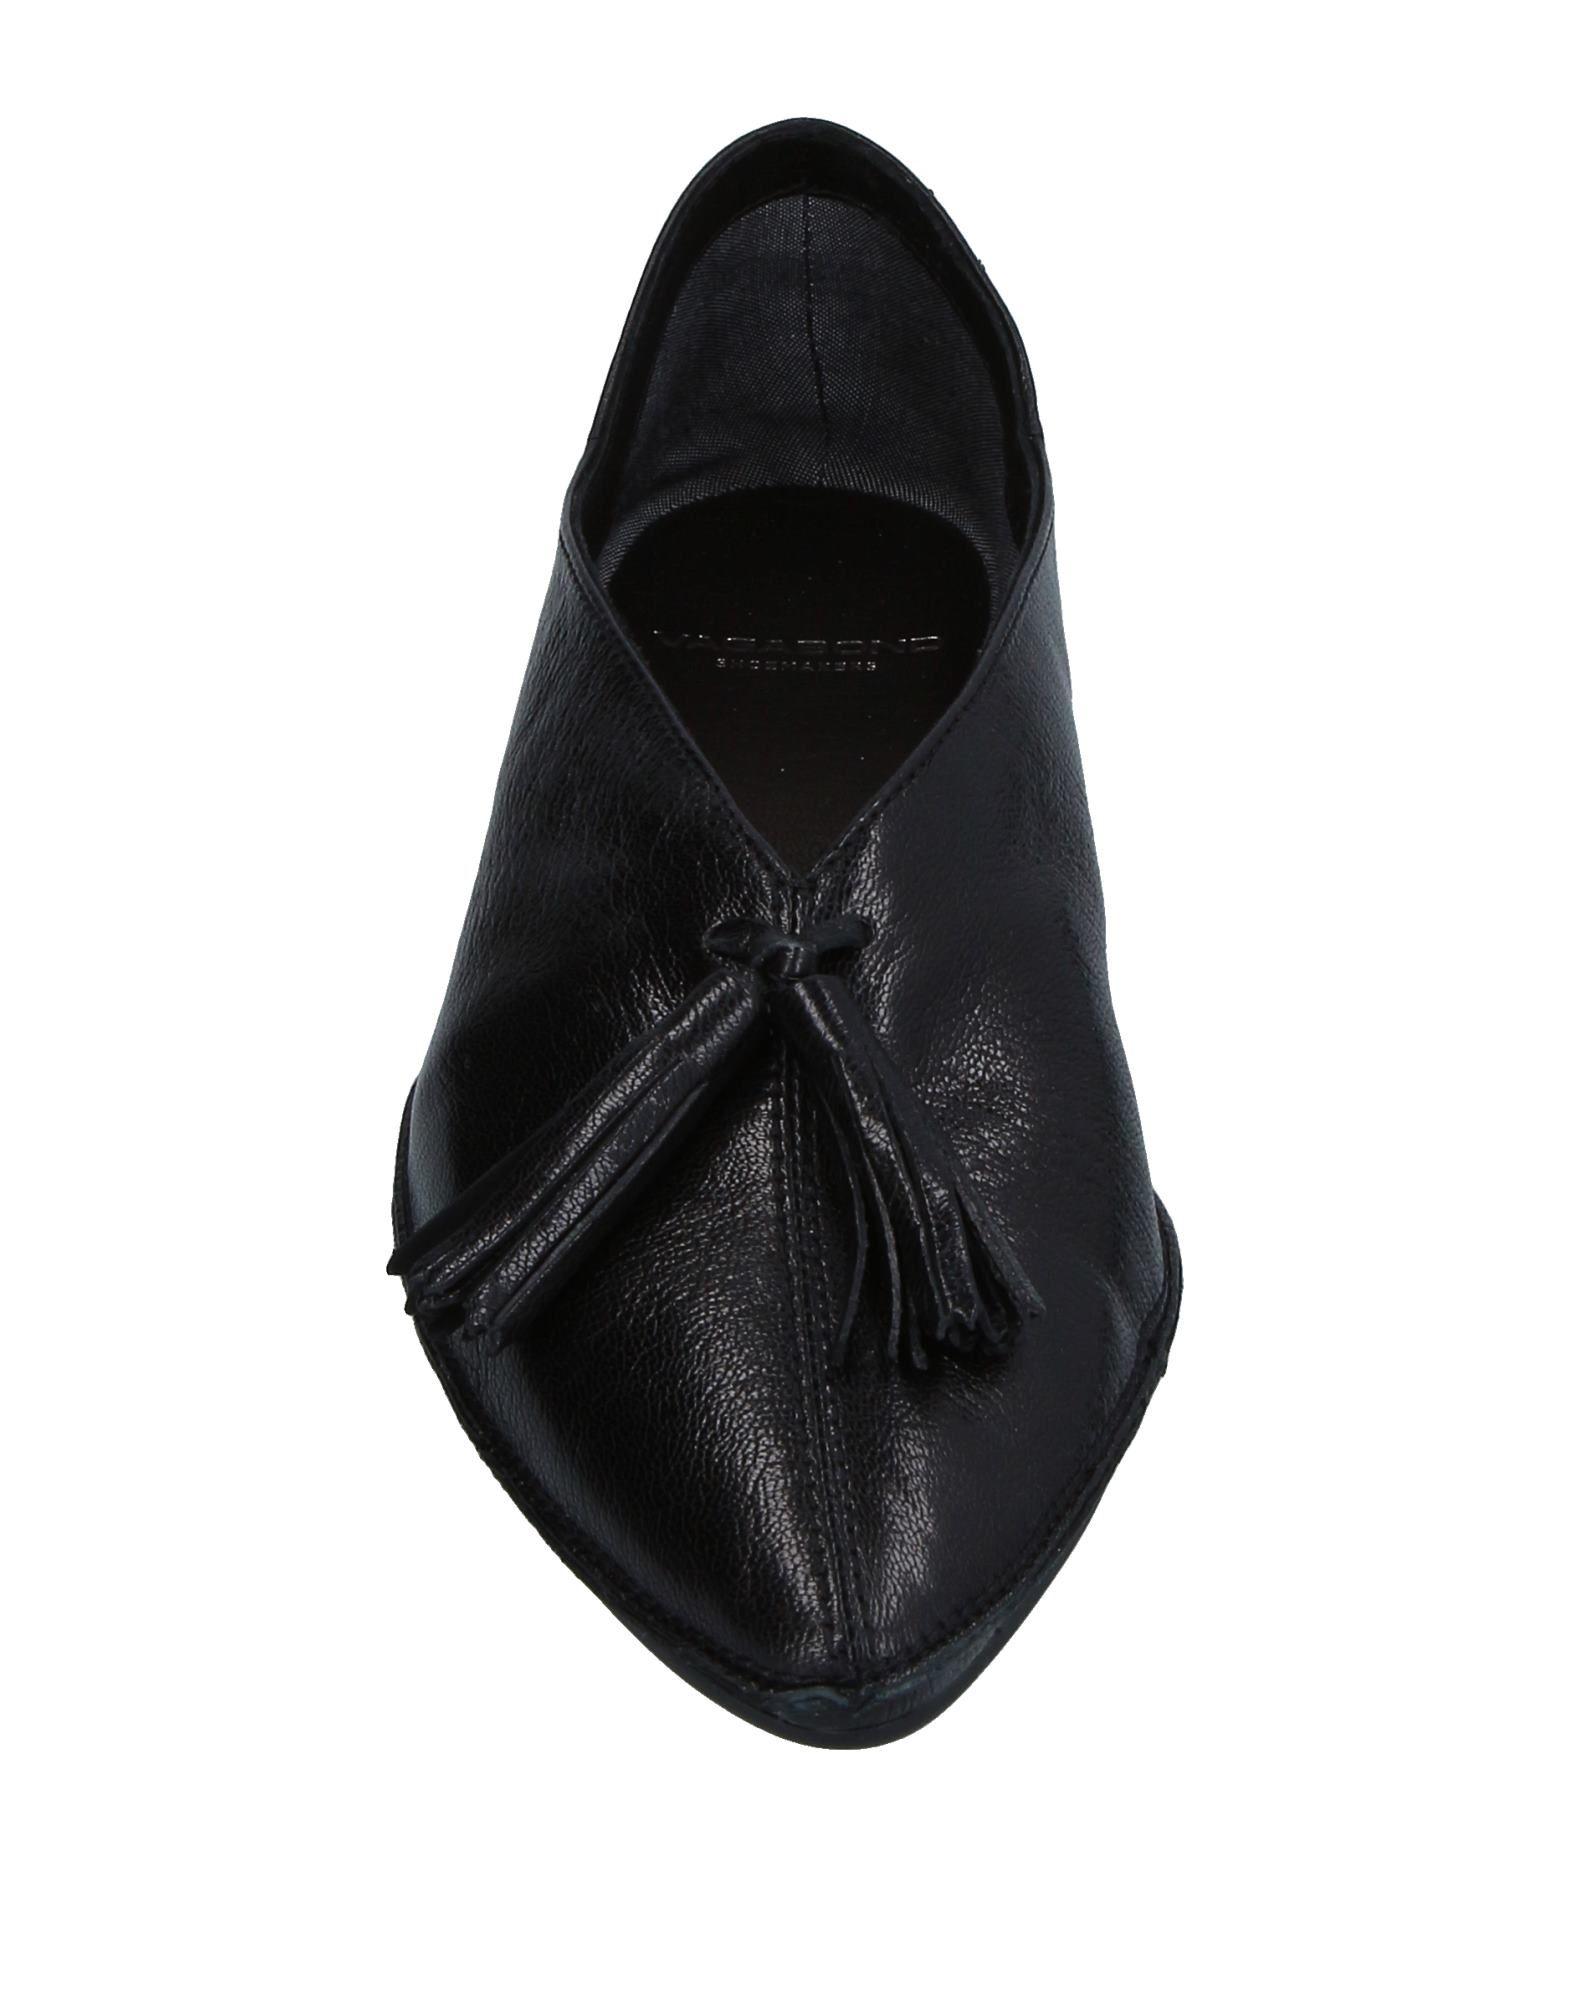 Ballerine Vagabond Shoemakers Donna Donna Shoemakers - 11254619QI 2af94e